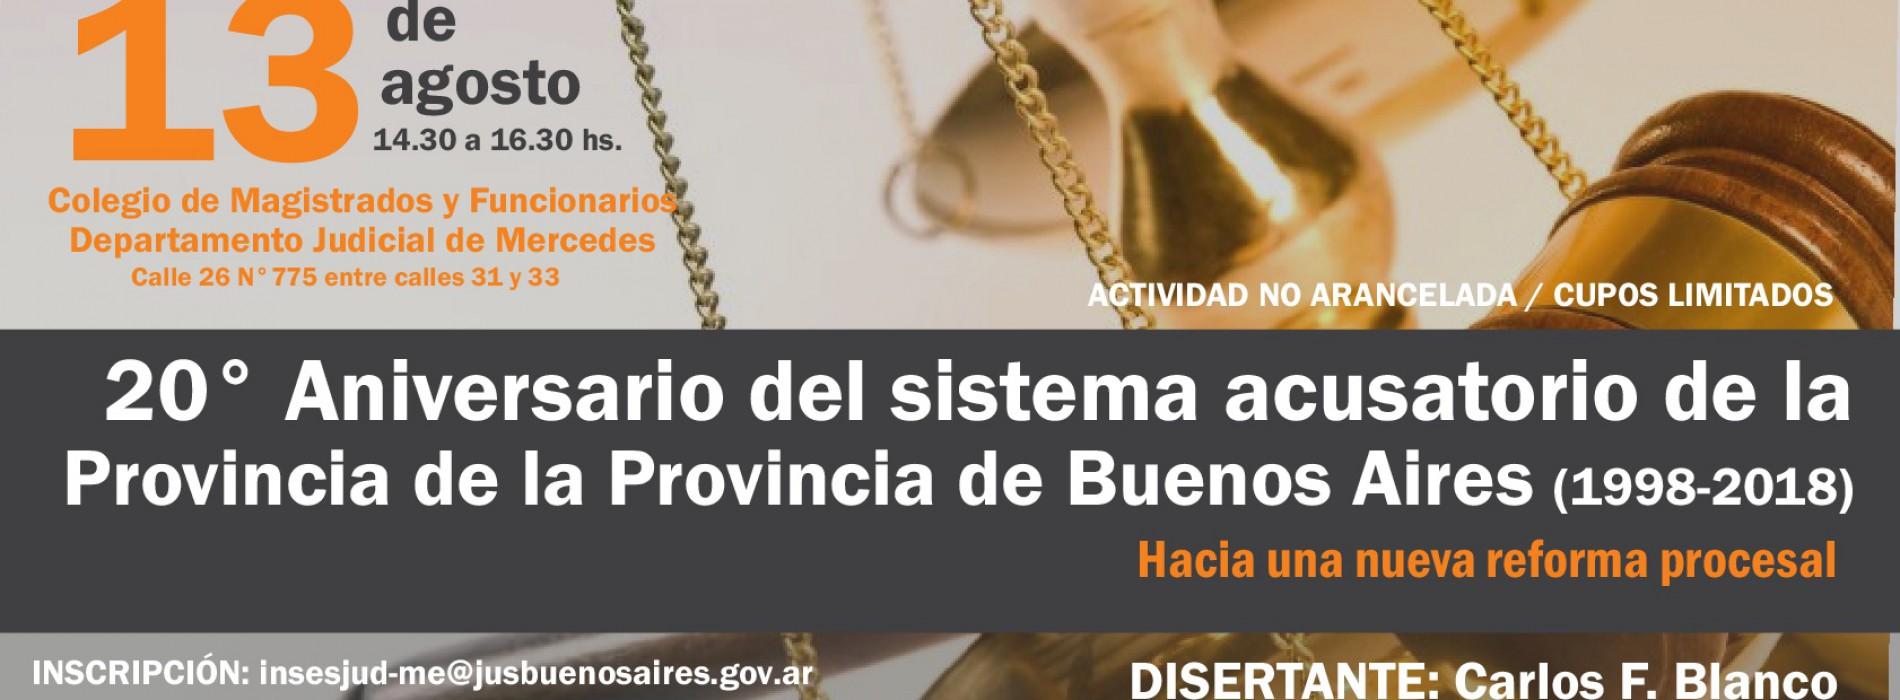 """Coorganización """"20º aniversario del sistema acusatorio bonaerense: Hacia una nueva reforma procesal """": lunes 13-8 en Mercedes"""